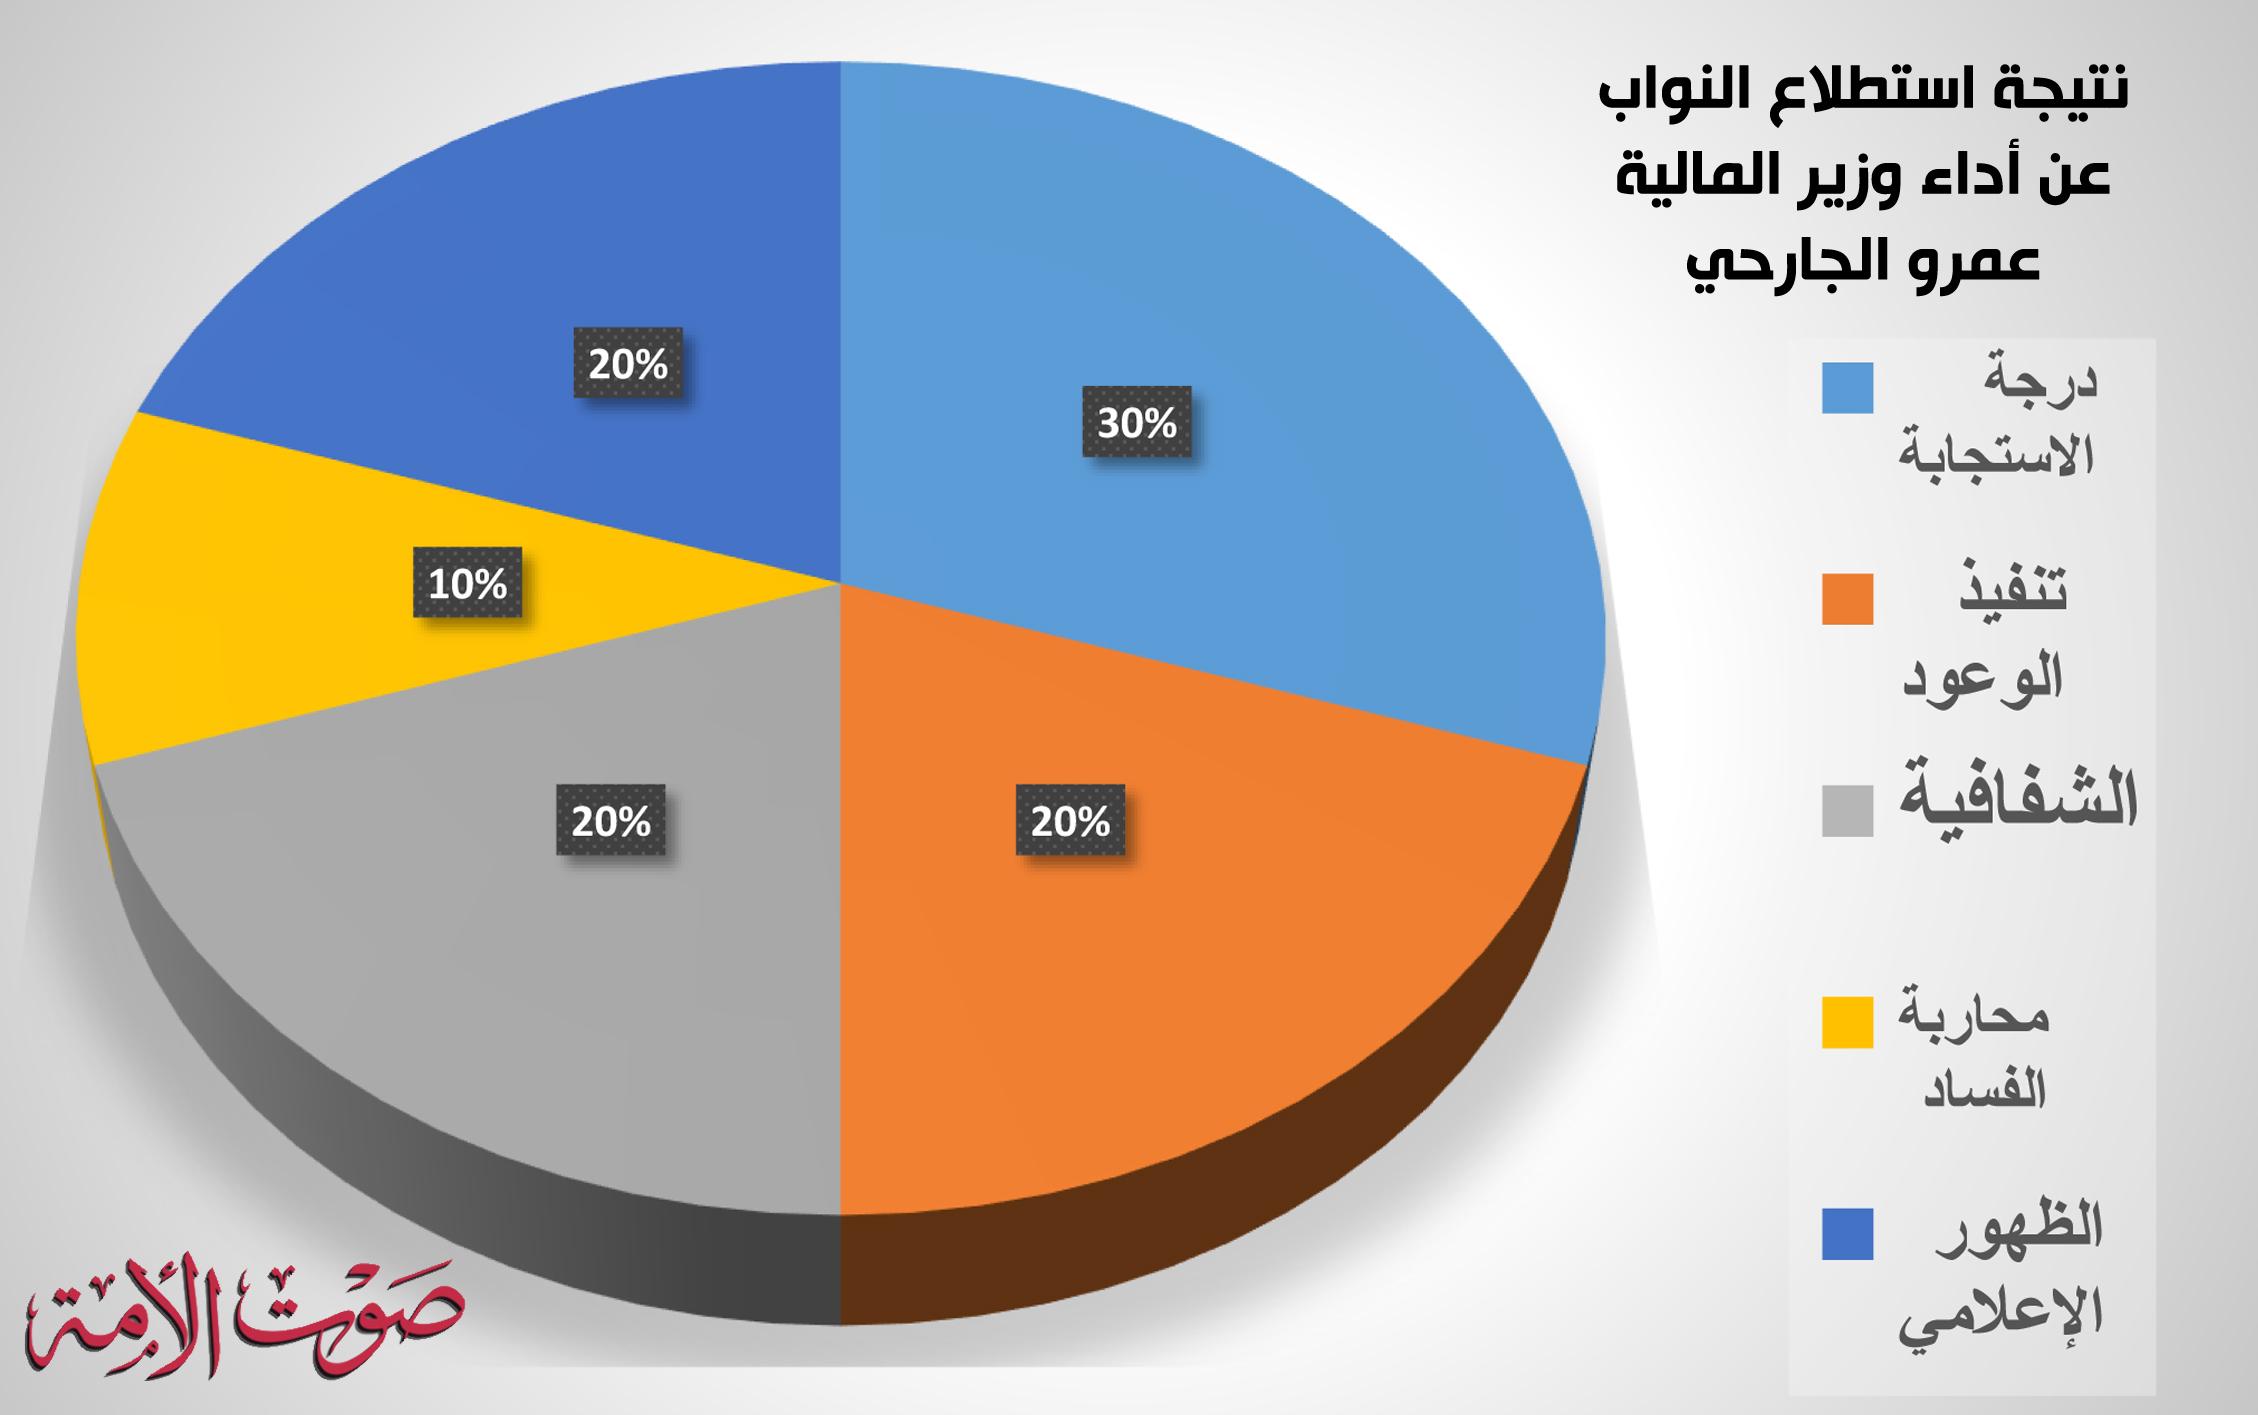 نتيجة استطلاع النواب عن أداء وزير المالية عمرو الجارحي